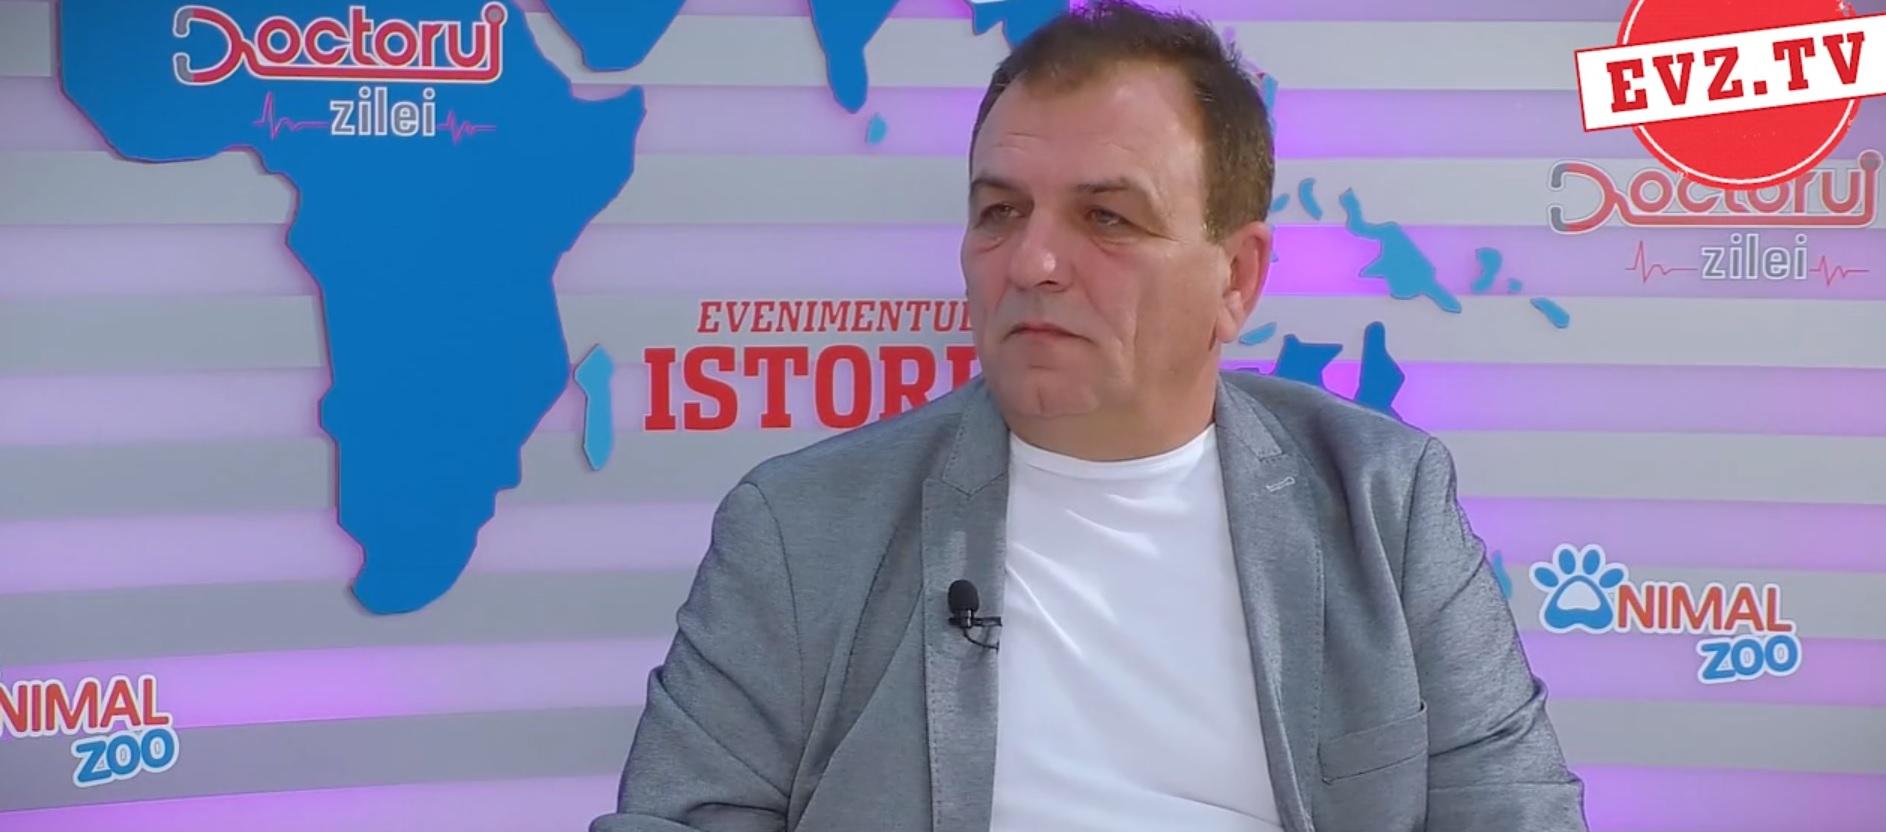 Evz.TV. Exclusiv. Mărturia eroului bătut personal de Ministrul de Interne